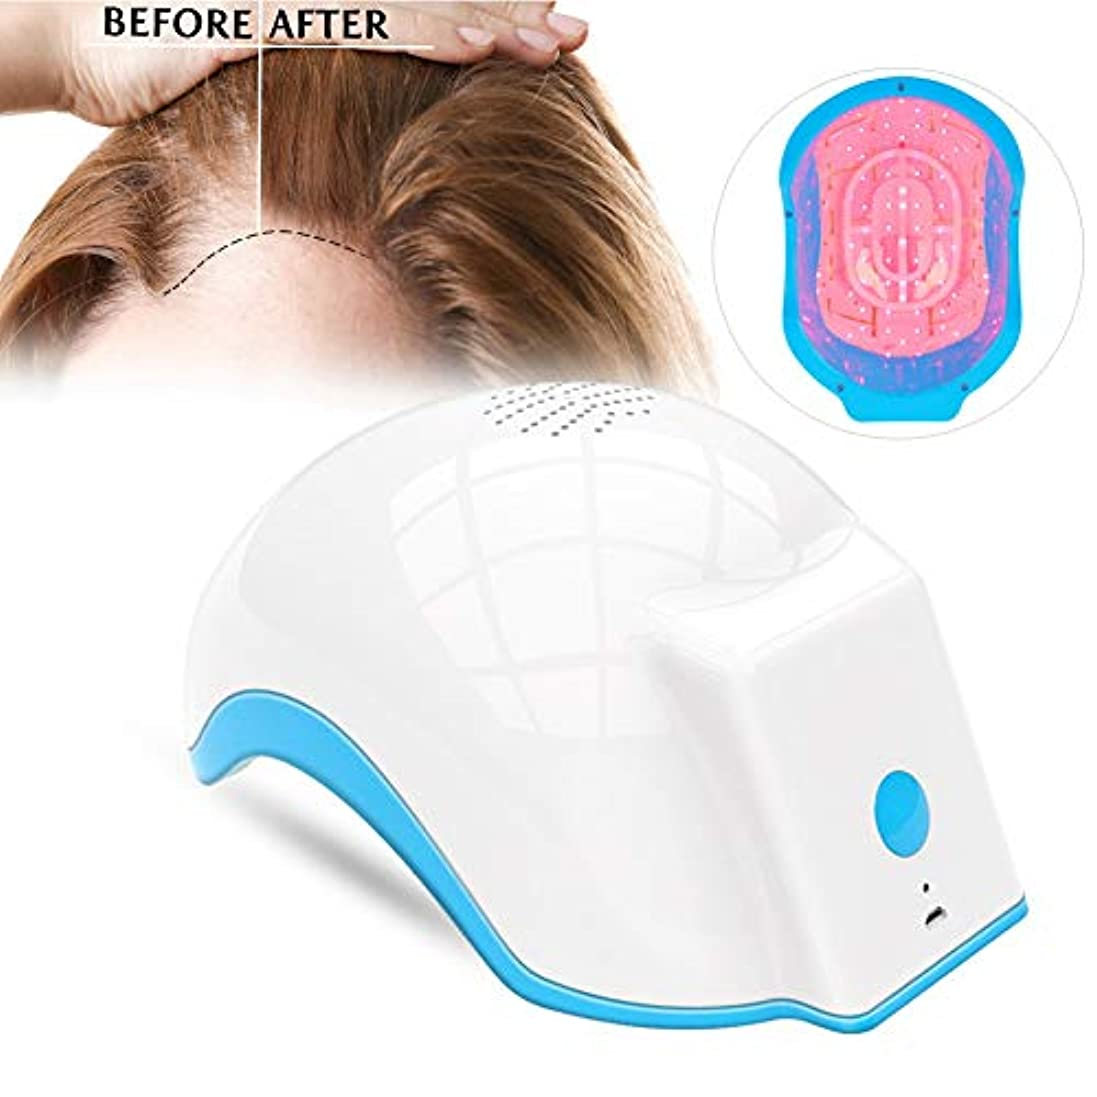 80ダイオードヘア成長システム、脱毛ヘルメットファストグローストリートメントキャップ男性用脱毛ソリューション女性(US Plug)